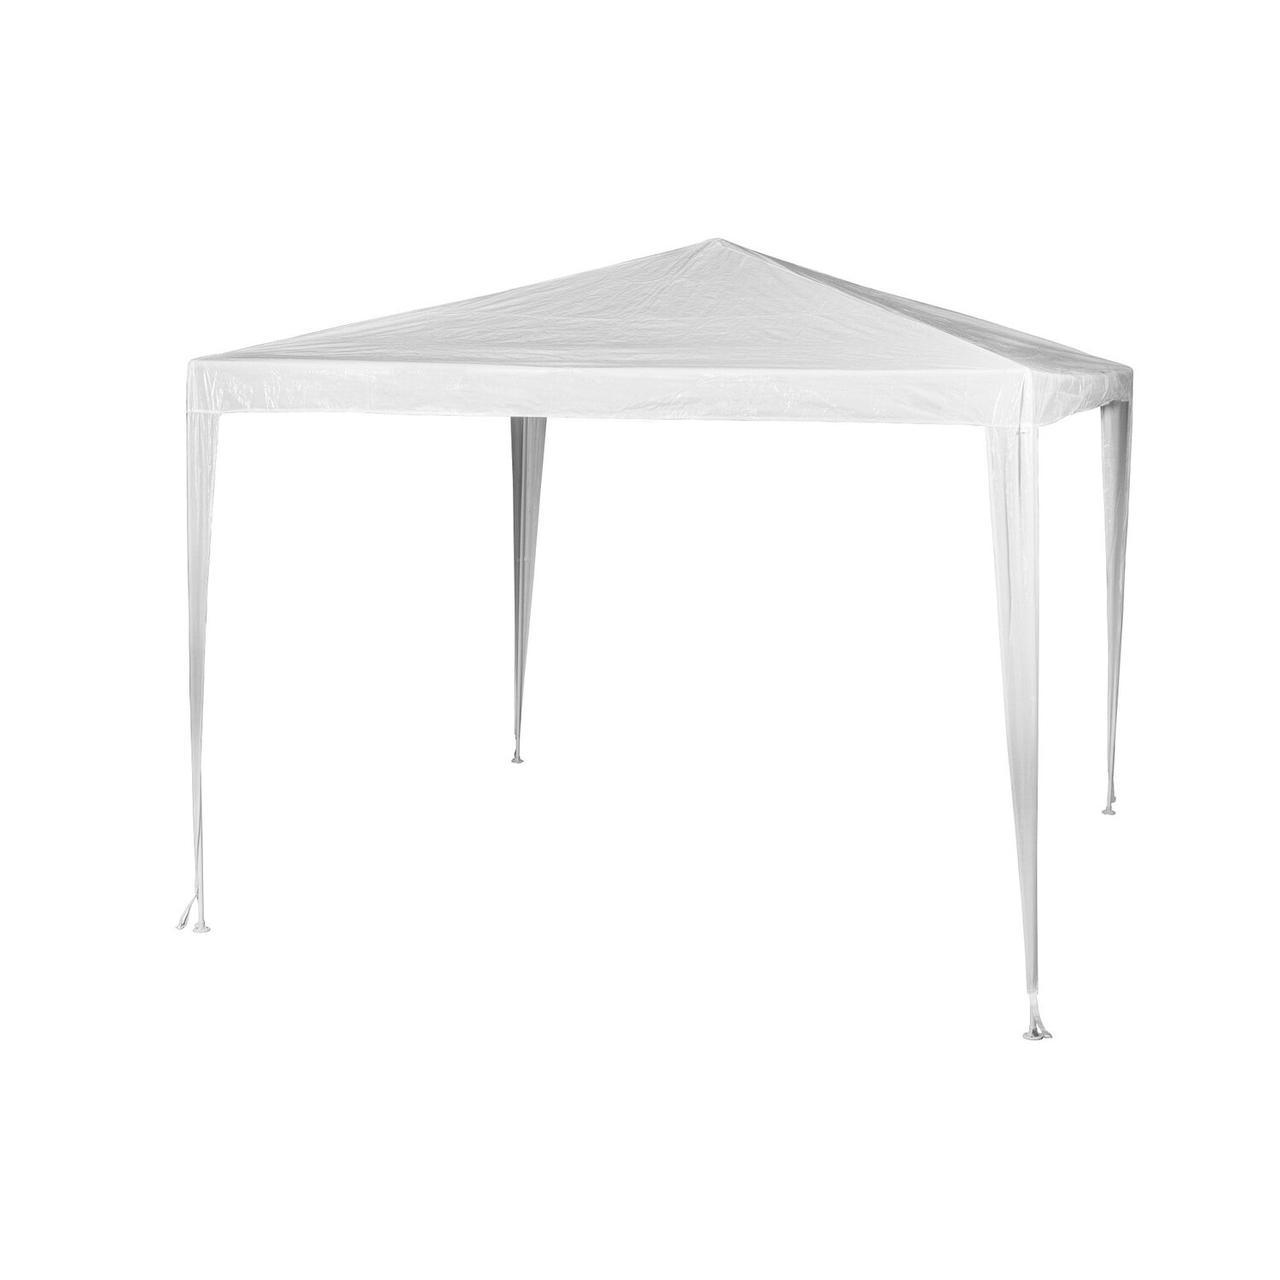 Шатер палатка павильон разборной 3х3 HE SHAN 99188